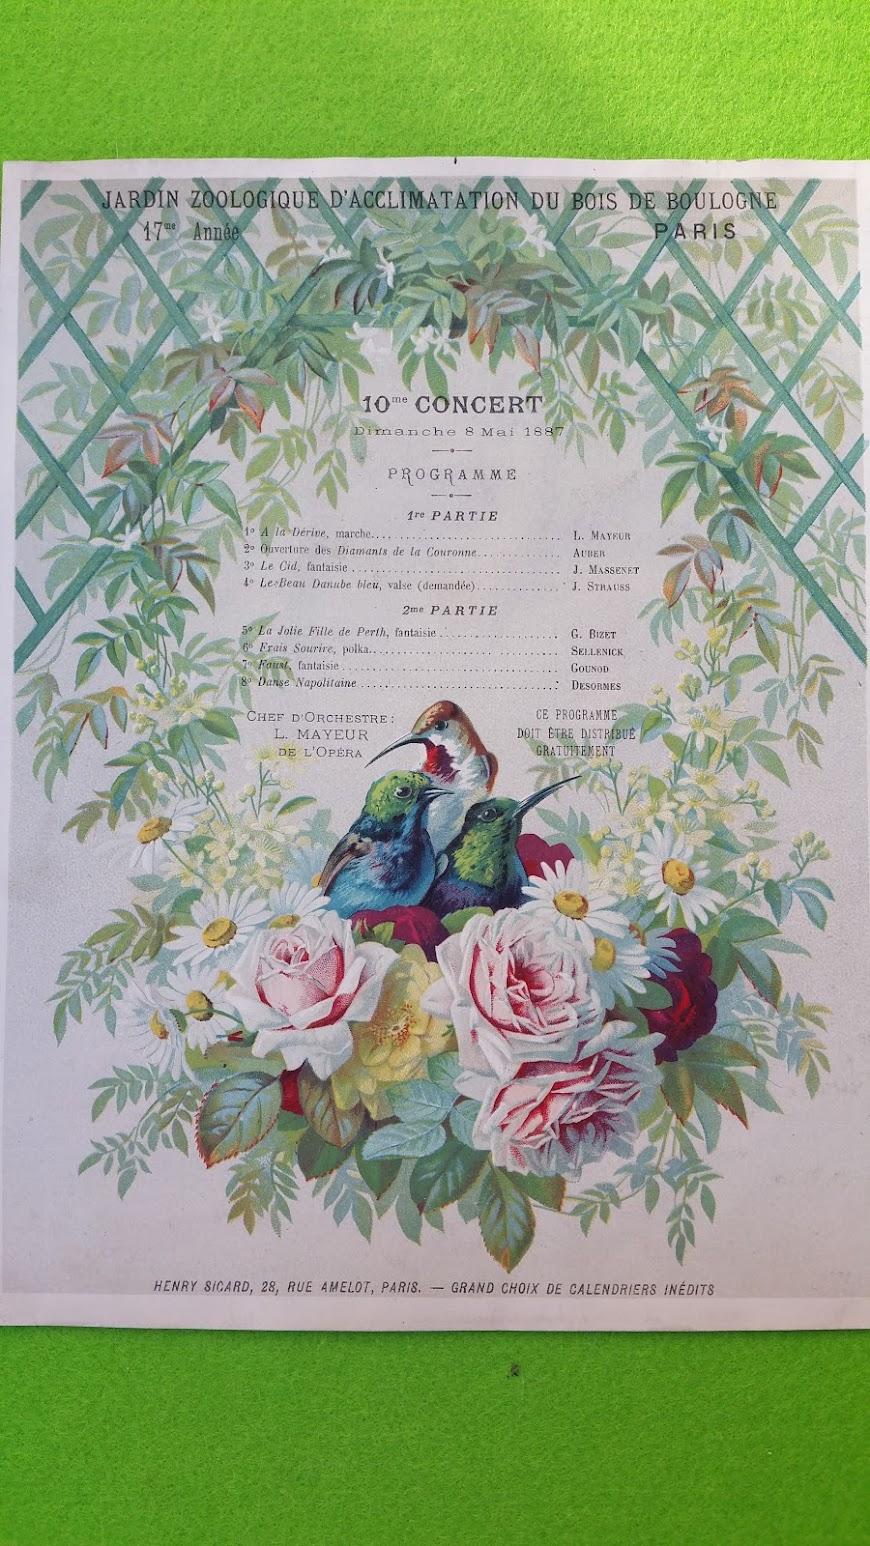 Programmblatt - Jardin Zoologique d'Acclimatation du Bois de Boulogne  - Paris 8. Mai 1887